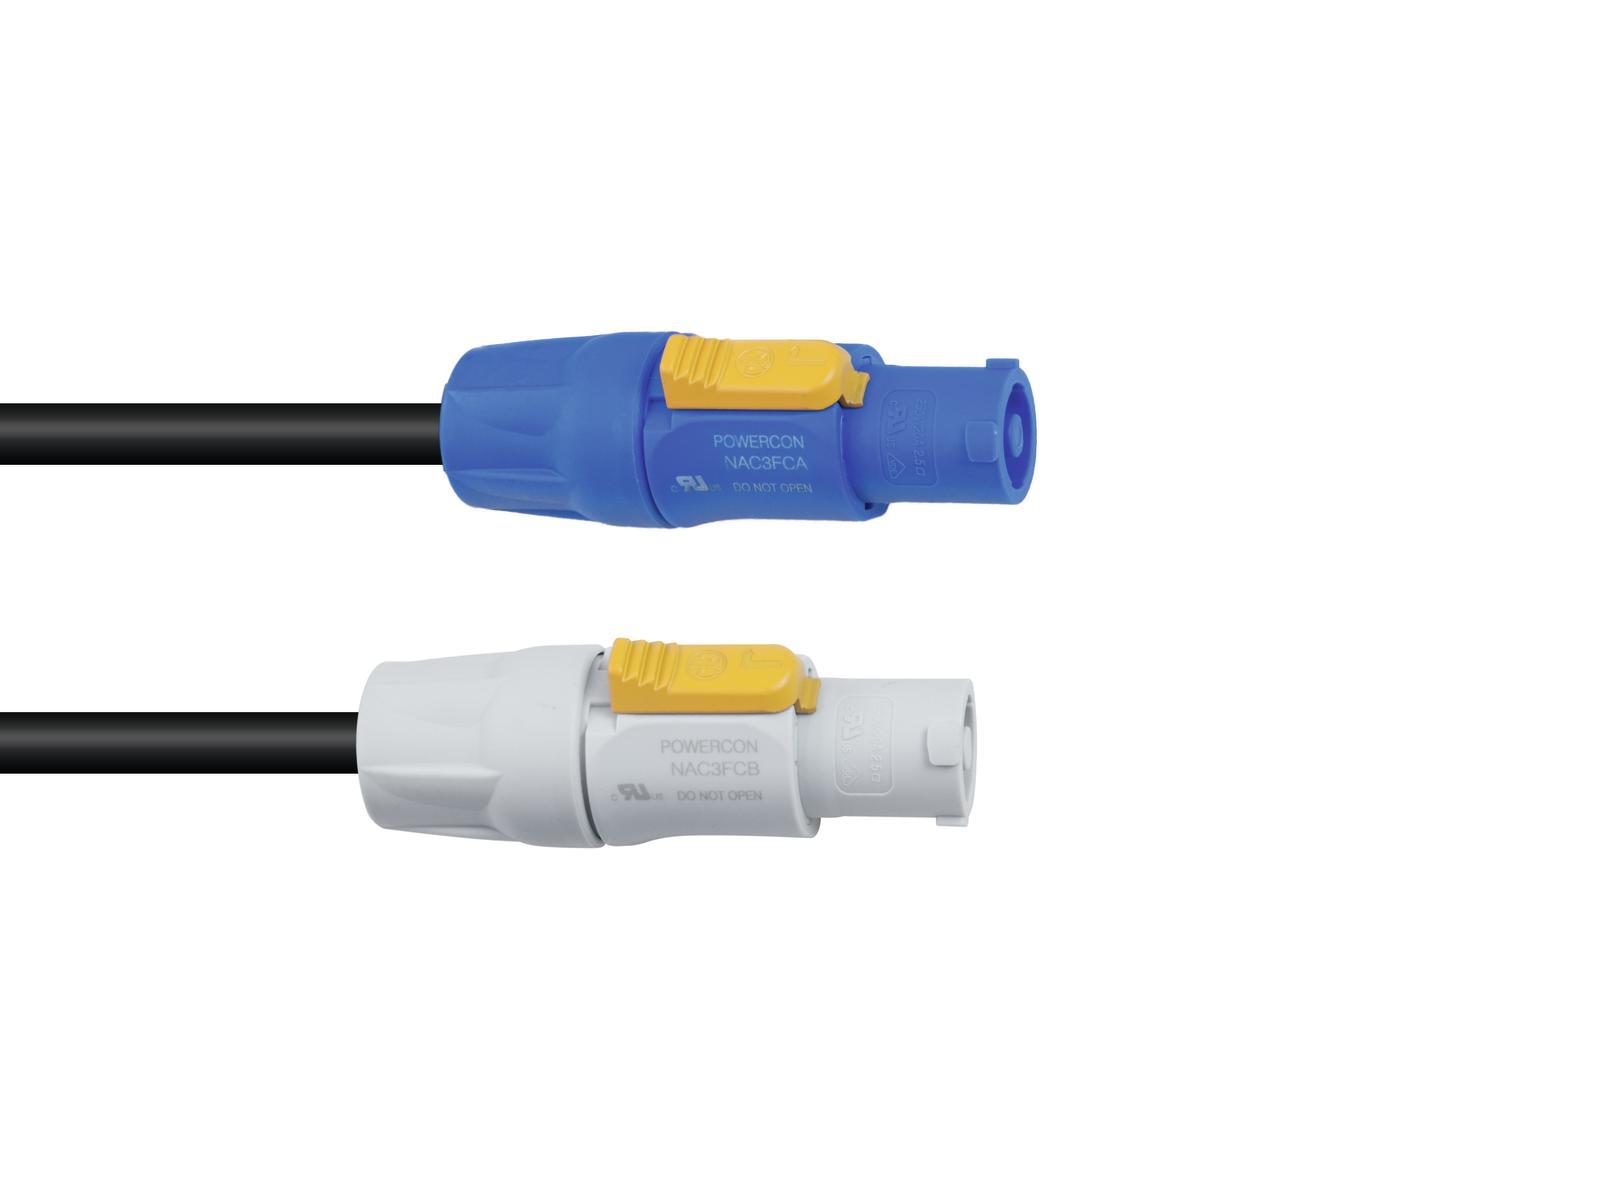 PSSO PowerCon prodlužovací kabel 3x1,5mm, 1m